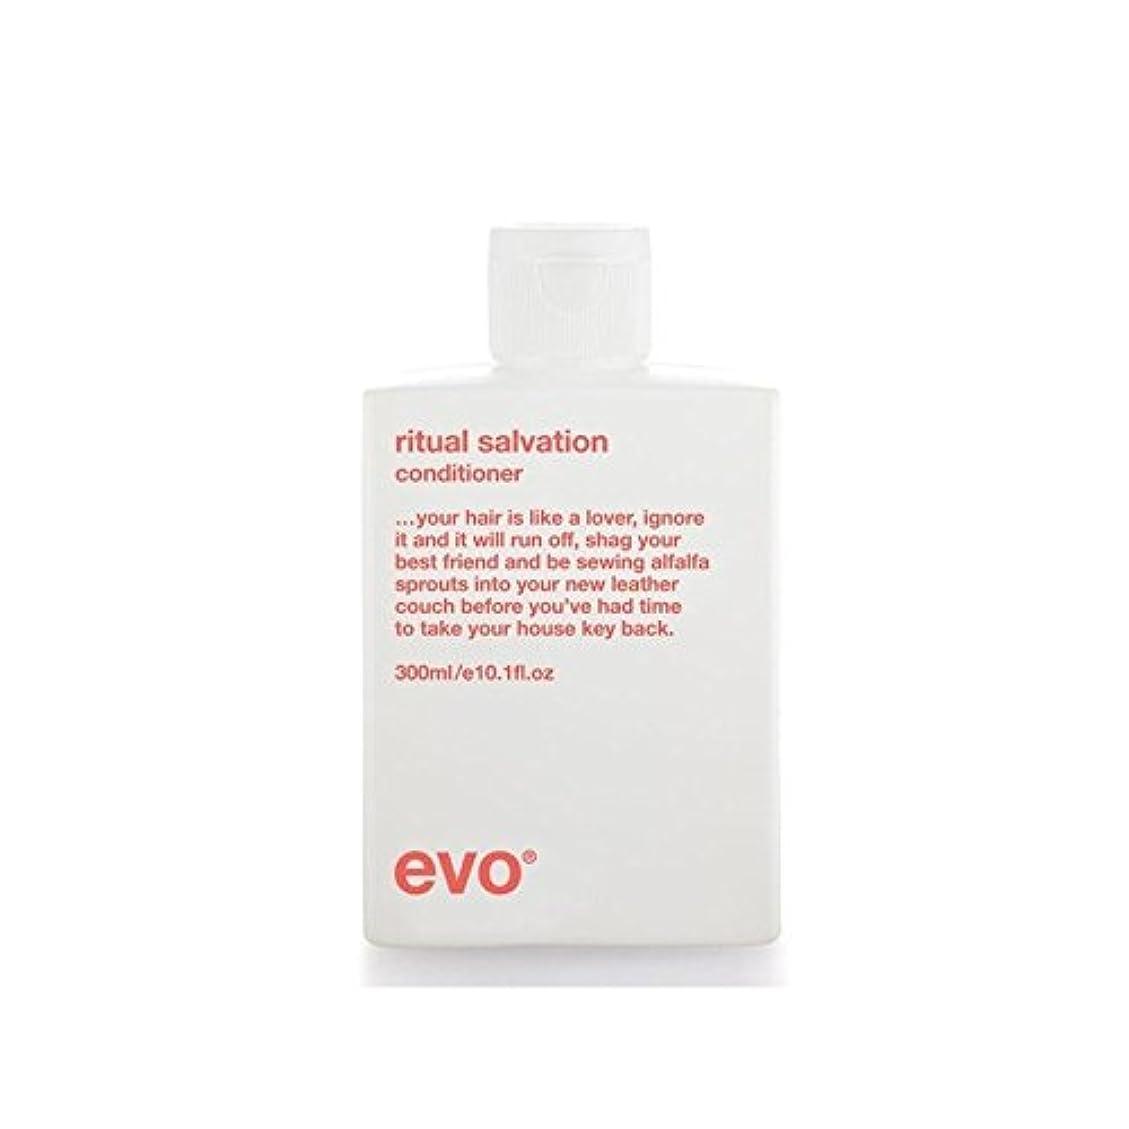 霧ビュッフェ格差Evo Ritual Salvation Conditioner (300ml) - 儀式救いコンディショナー(300ミリリットル) [並行輸入品]